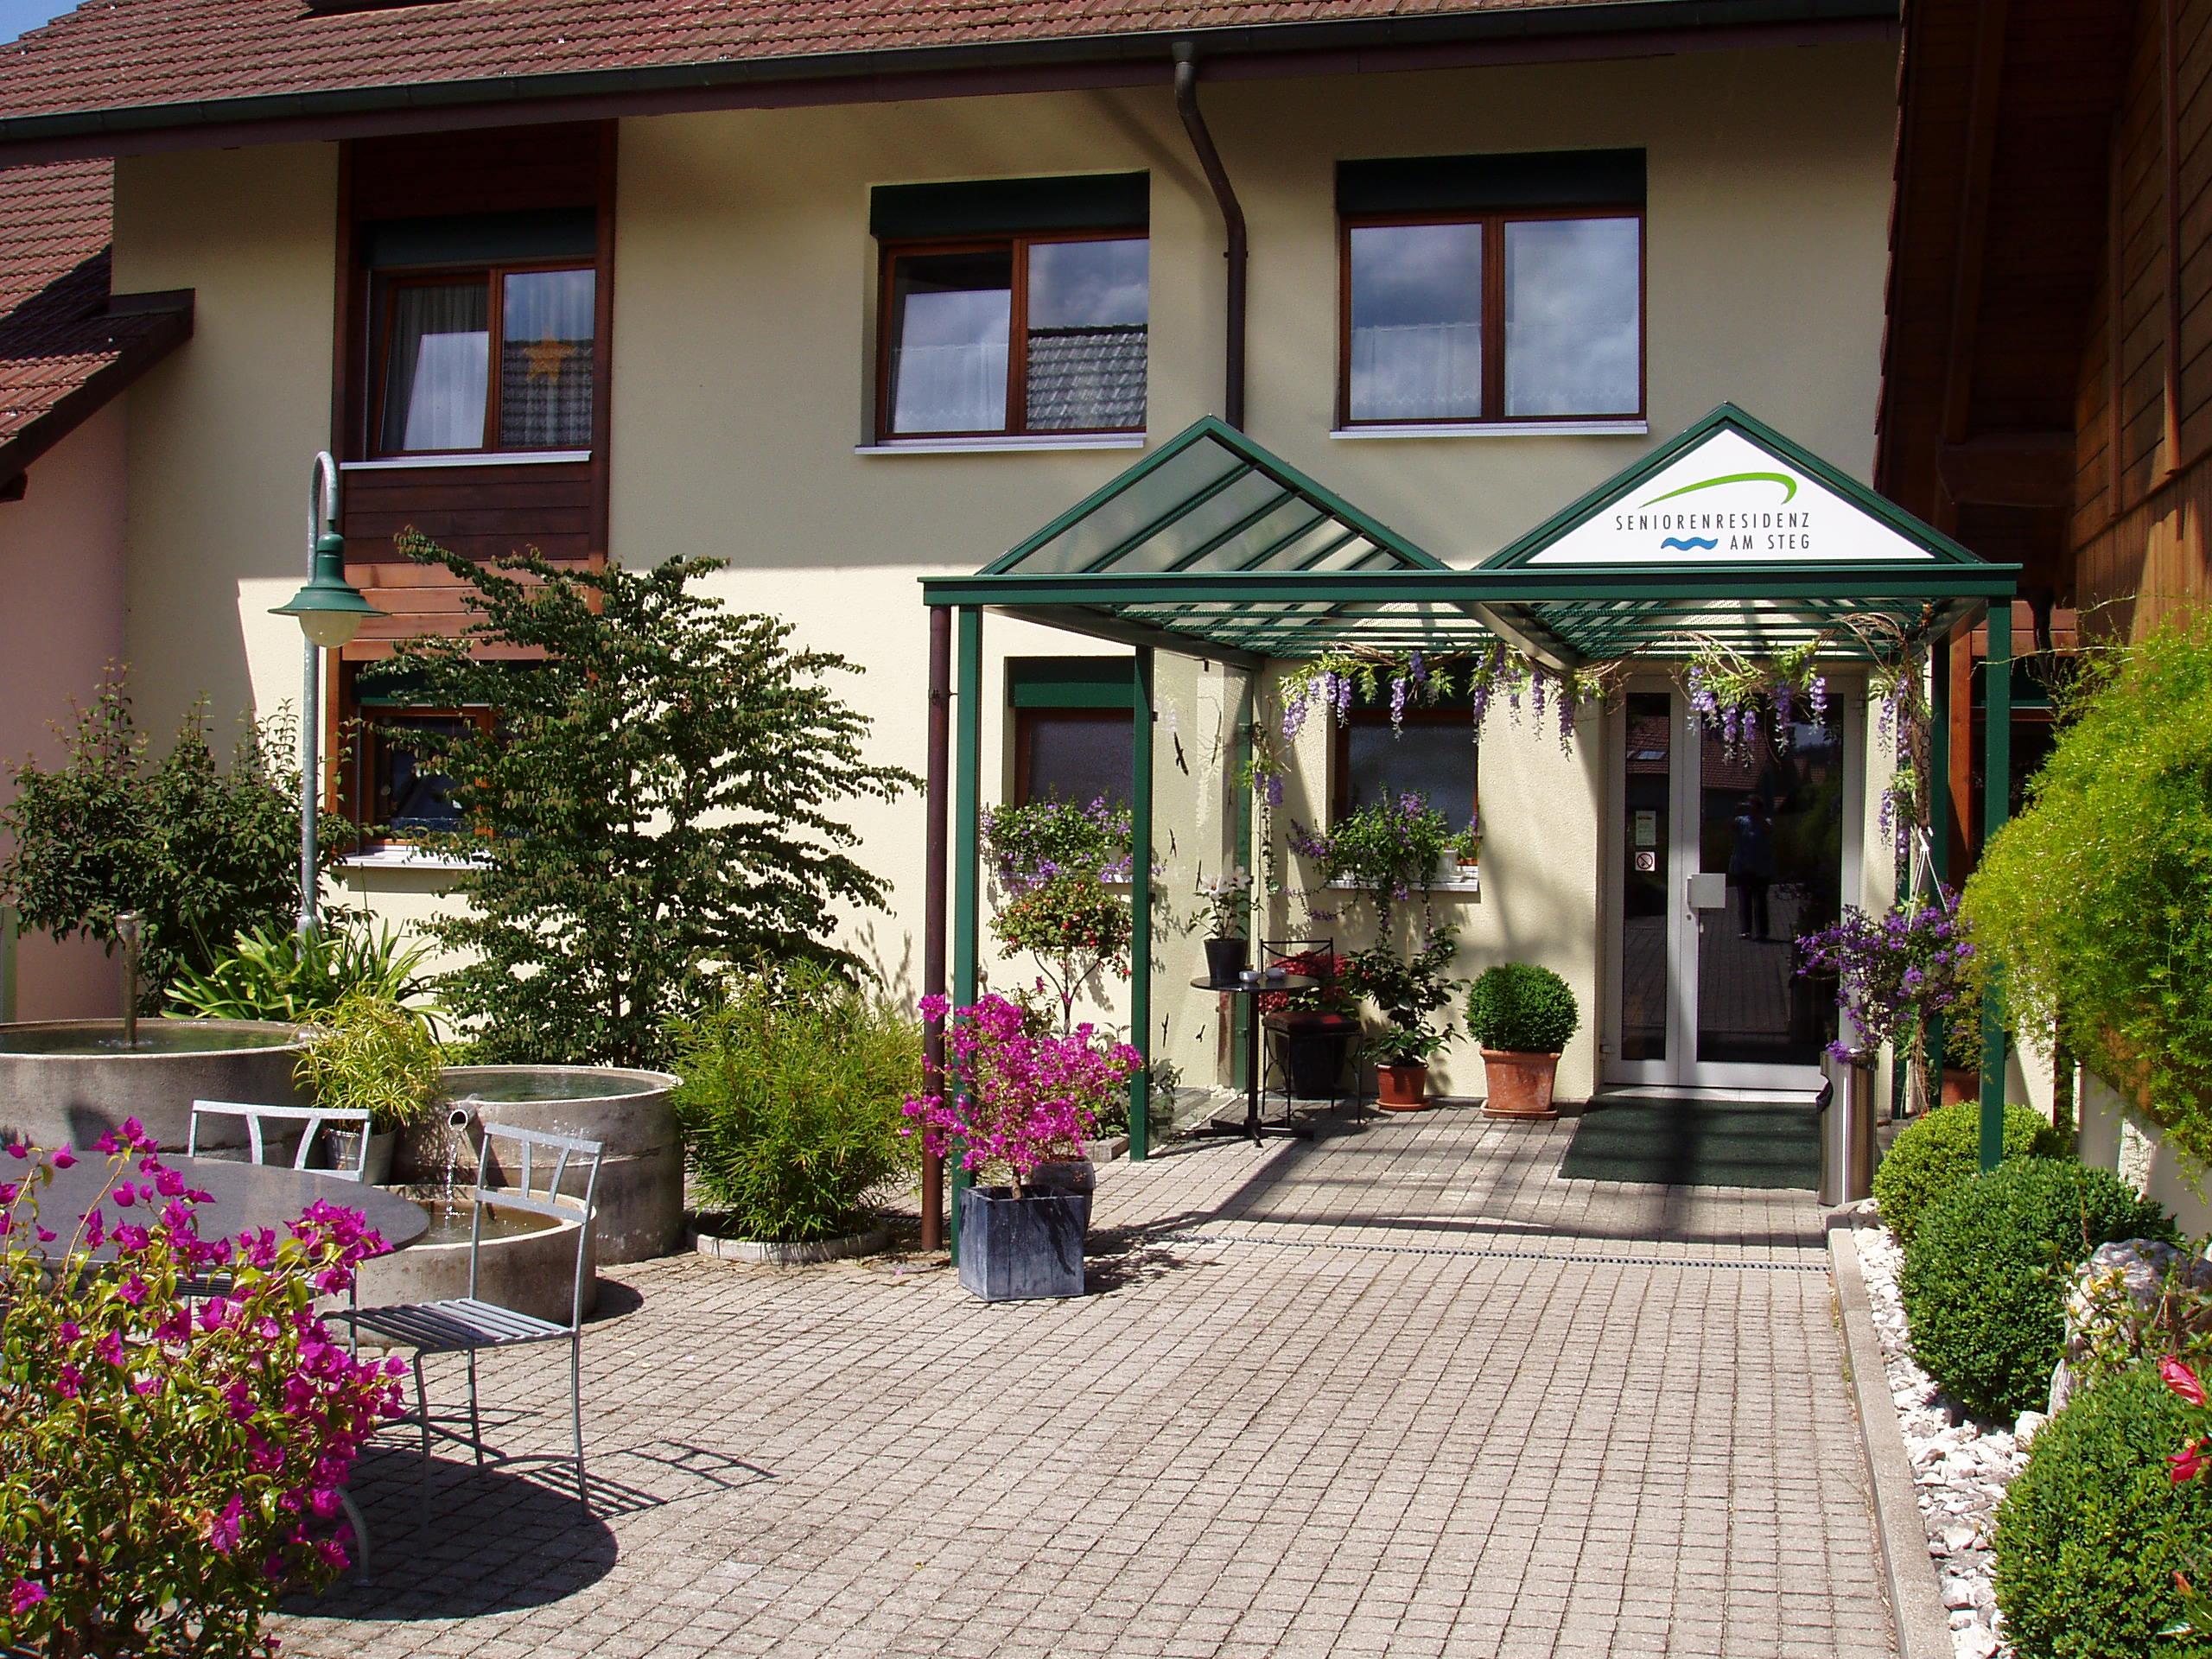 Walliswil niederbipp